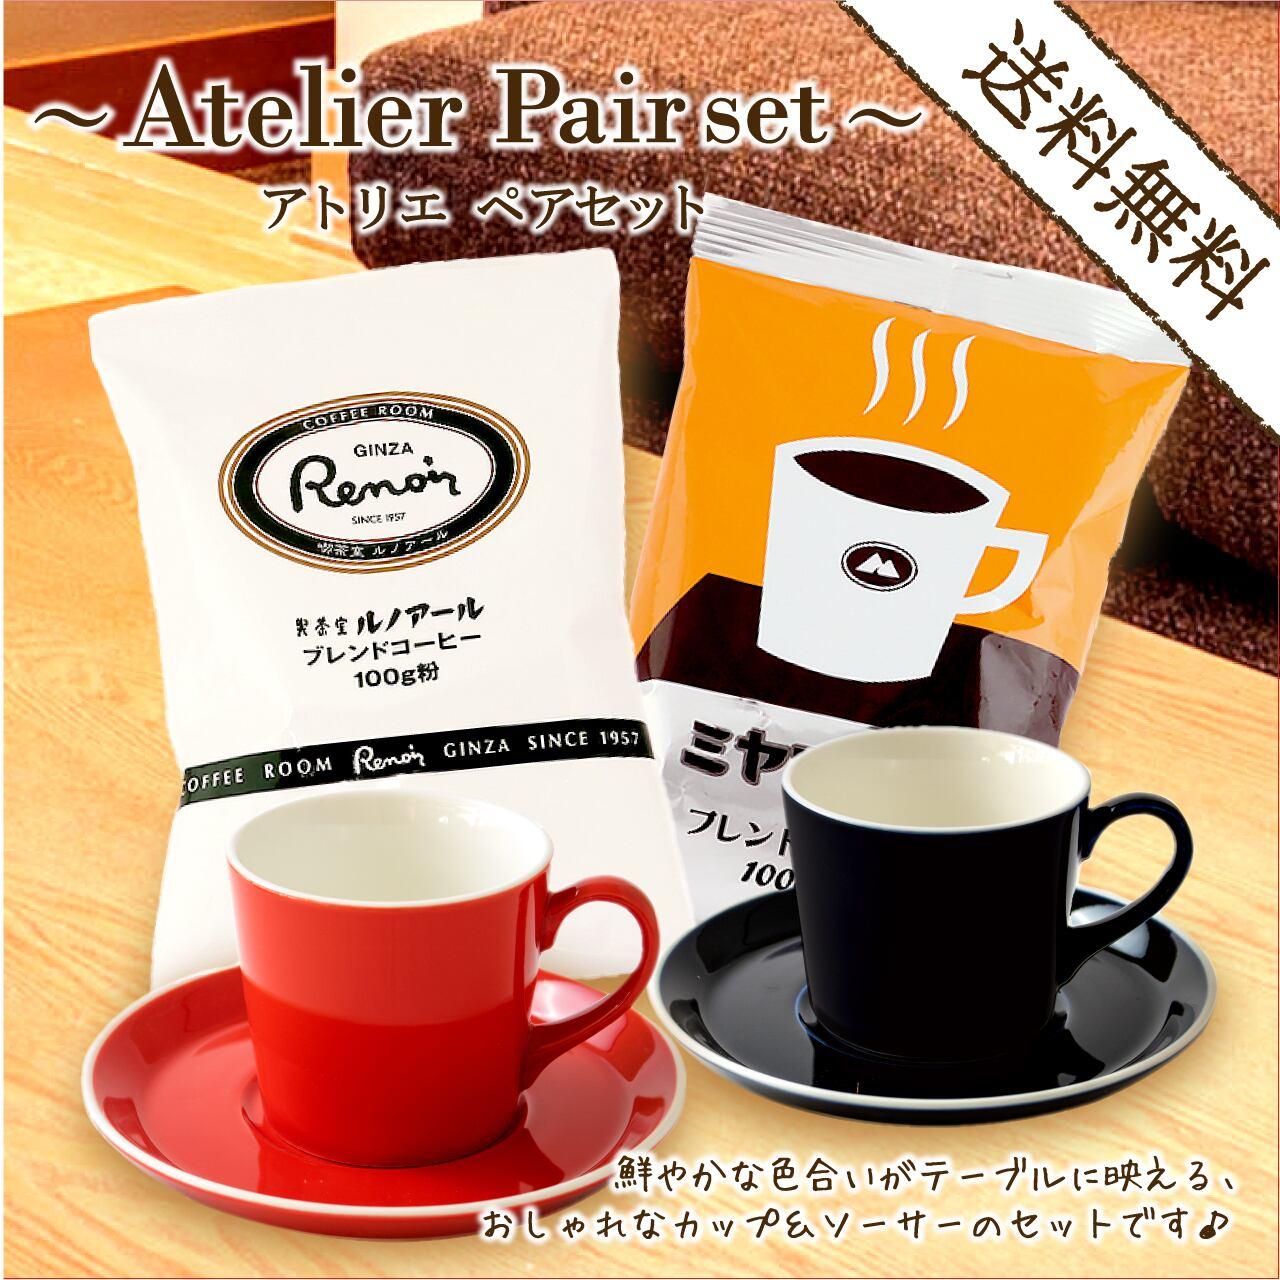 アトリエ♡ペアセット♡RUNOA COFFEE スペシャルティコーヒー カップ&ソーサーペアセット(送料無料)